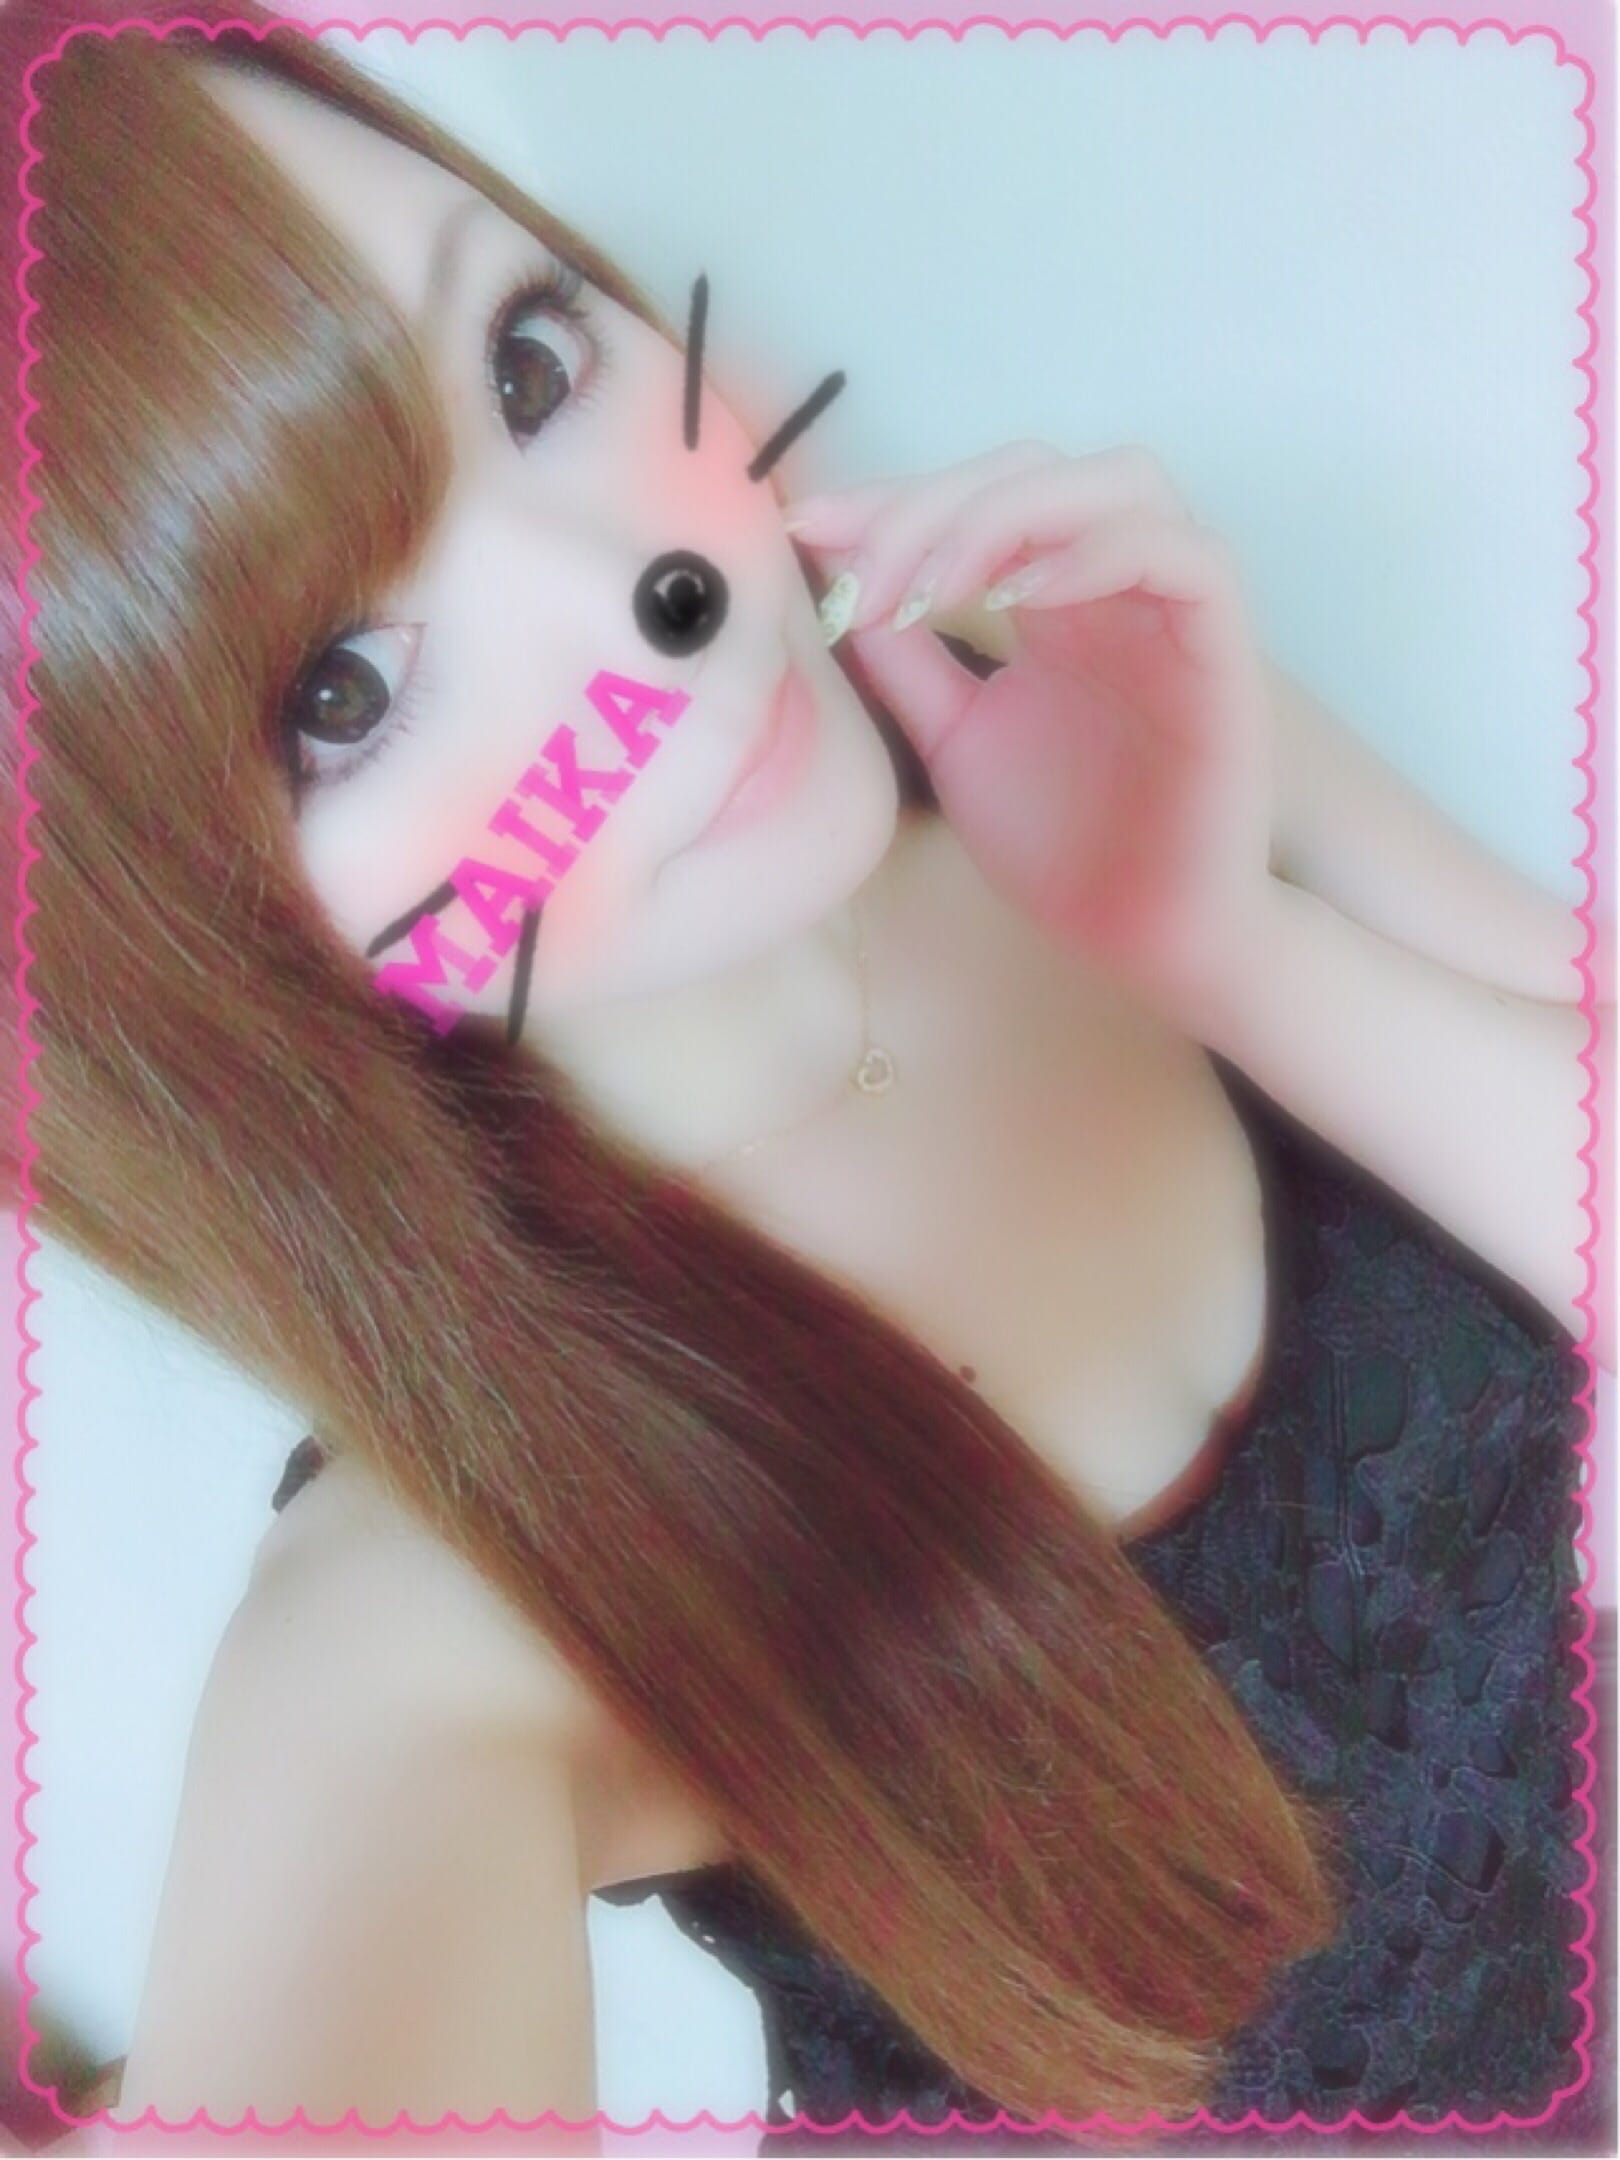 「♡スベスベお肌♡」06/18(月) 13:14 | まいかの写メ・風俗動画